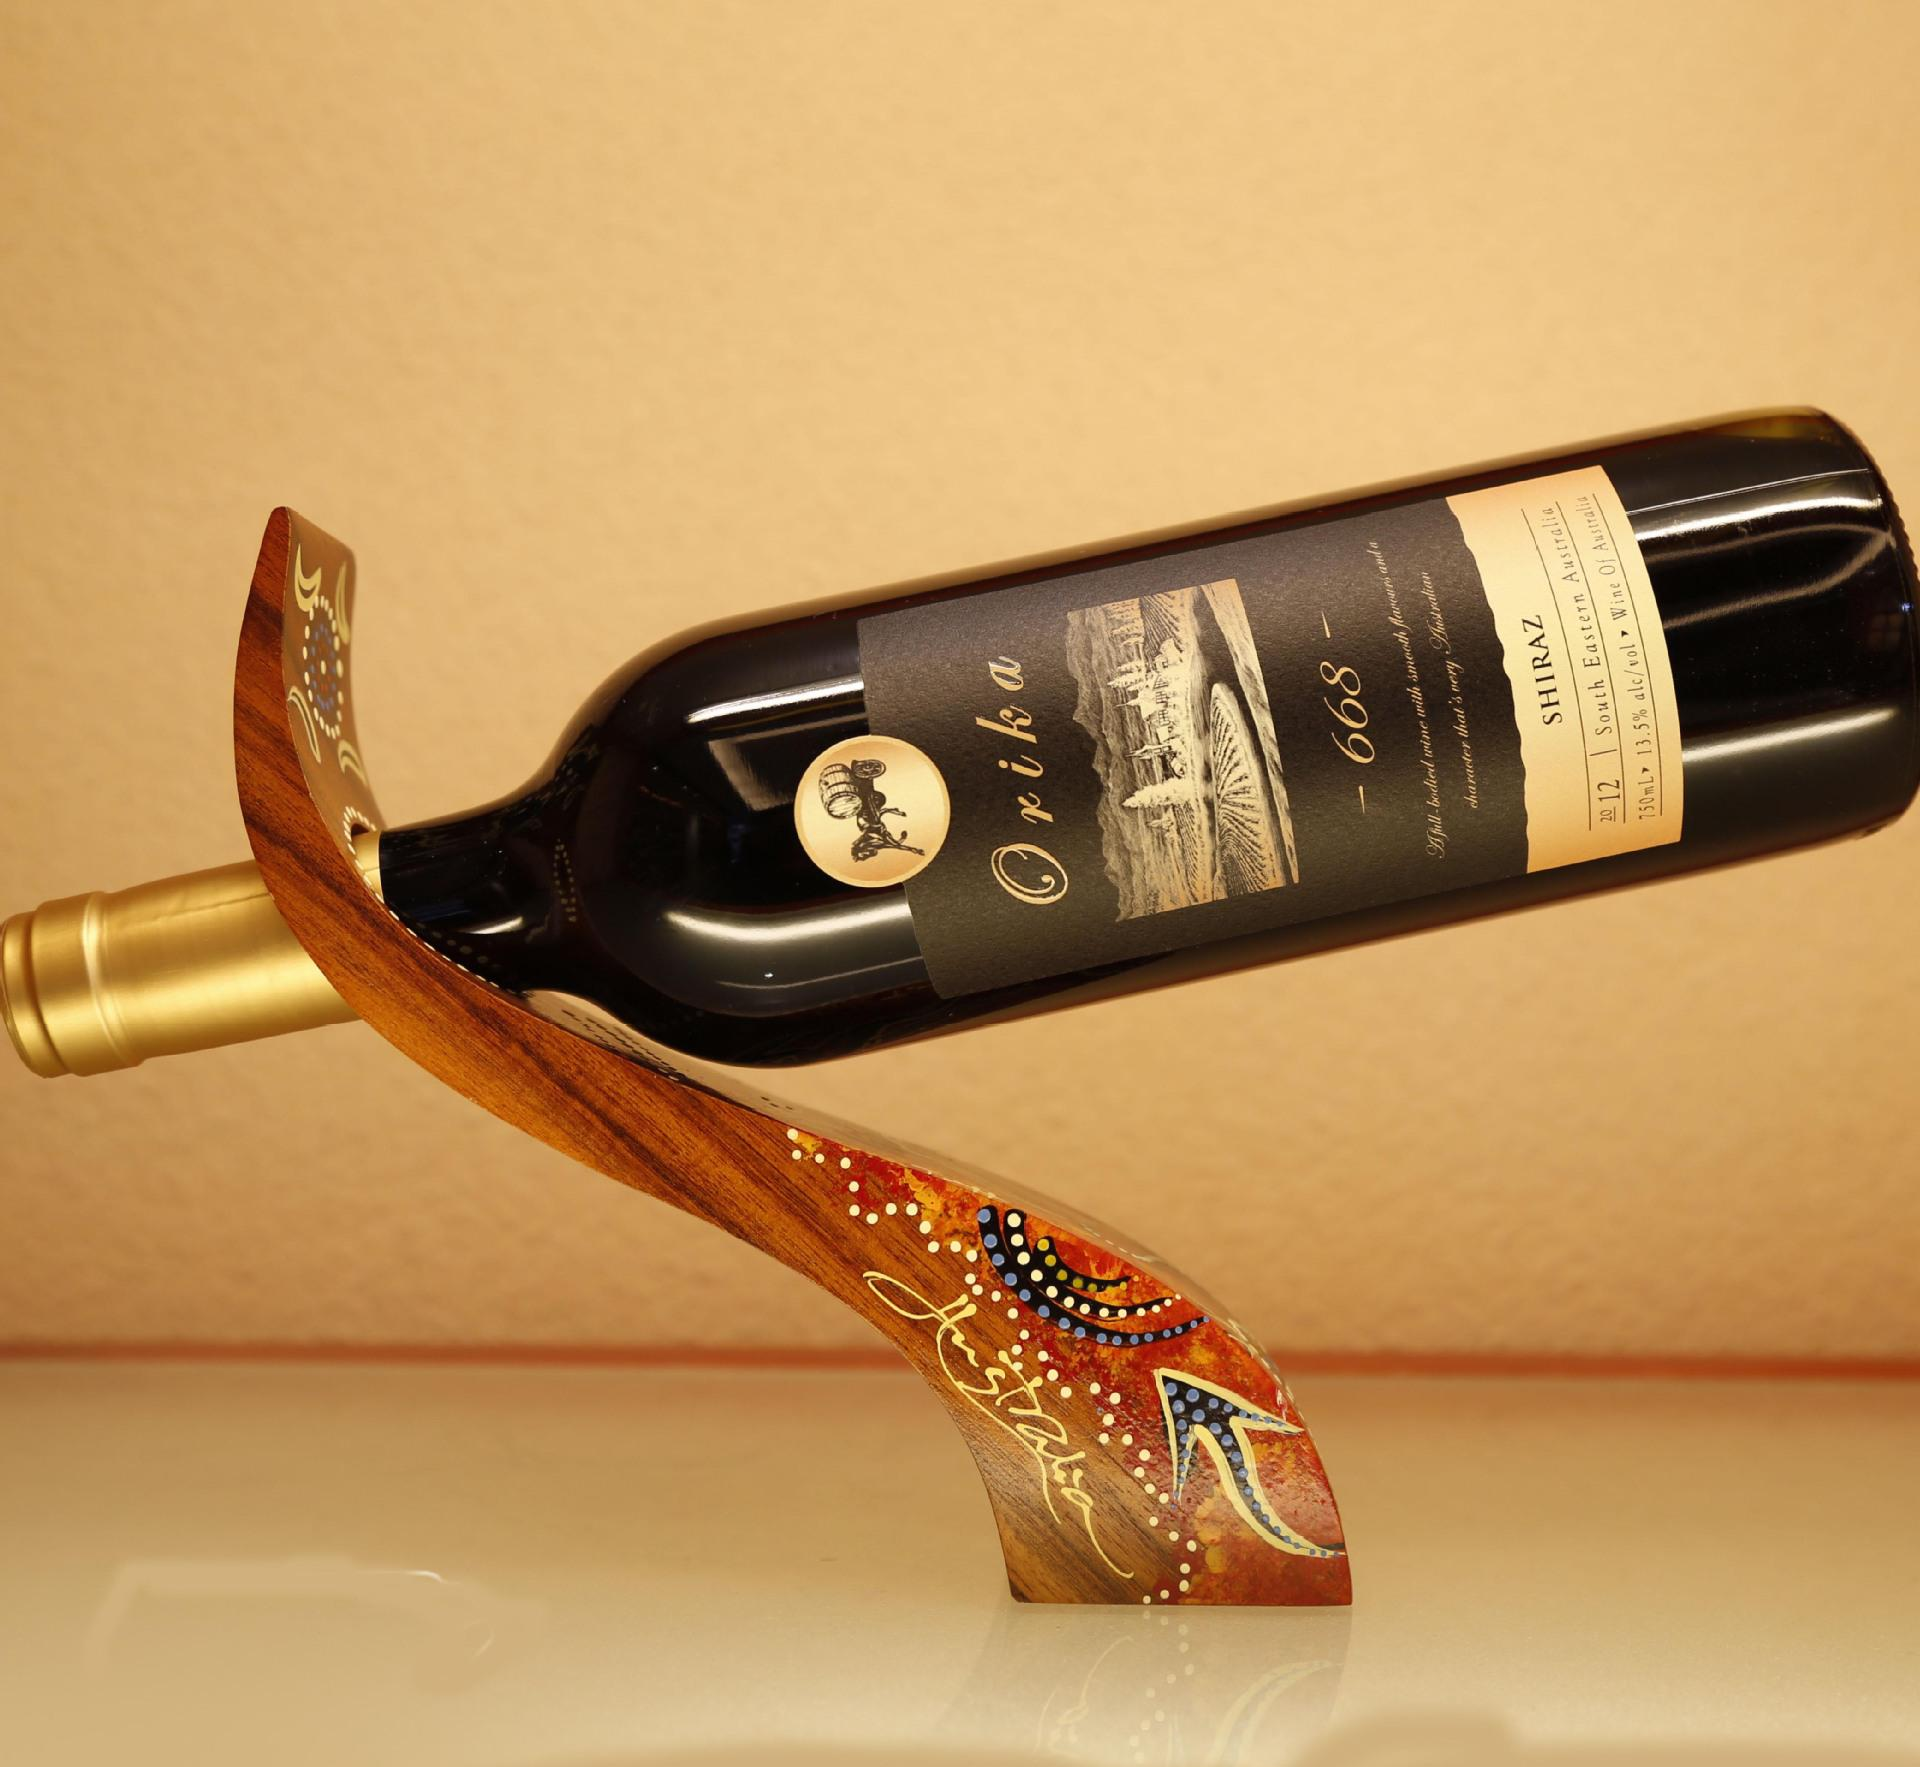 澳洲红酒条码数字是多少?93开头的条码是澳洲葡萄酒